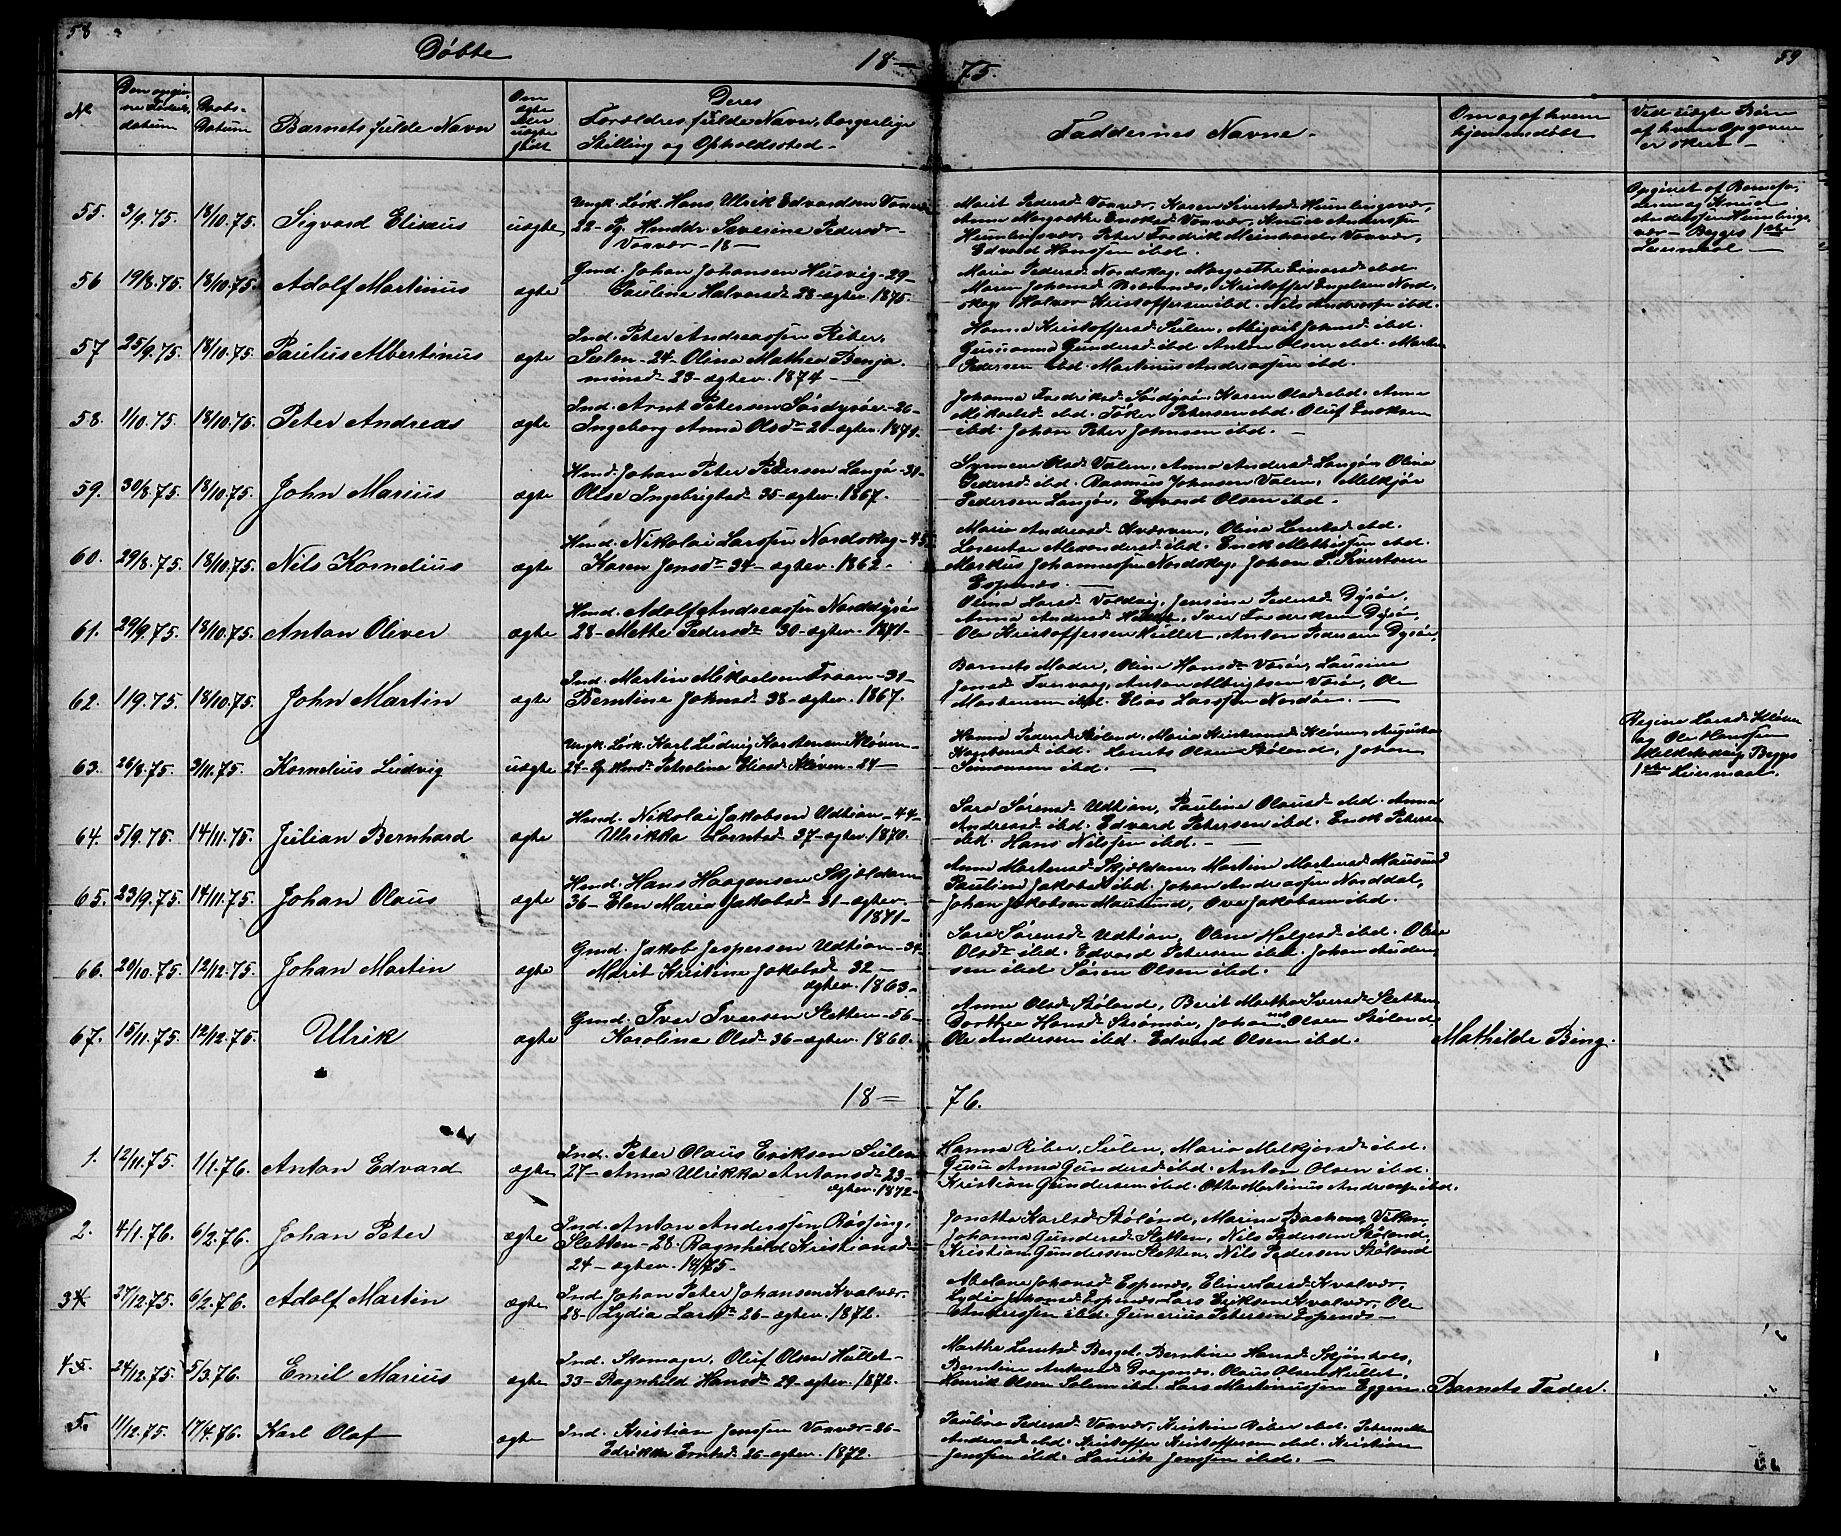 SAT, Ministerialprotokoller, klokkerbøker og fødselsregistre - Sør-Trøndelag, 640/L0583: Klokkerbok nr. 640C01, 1866-1877, s. 58-59